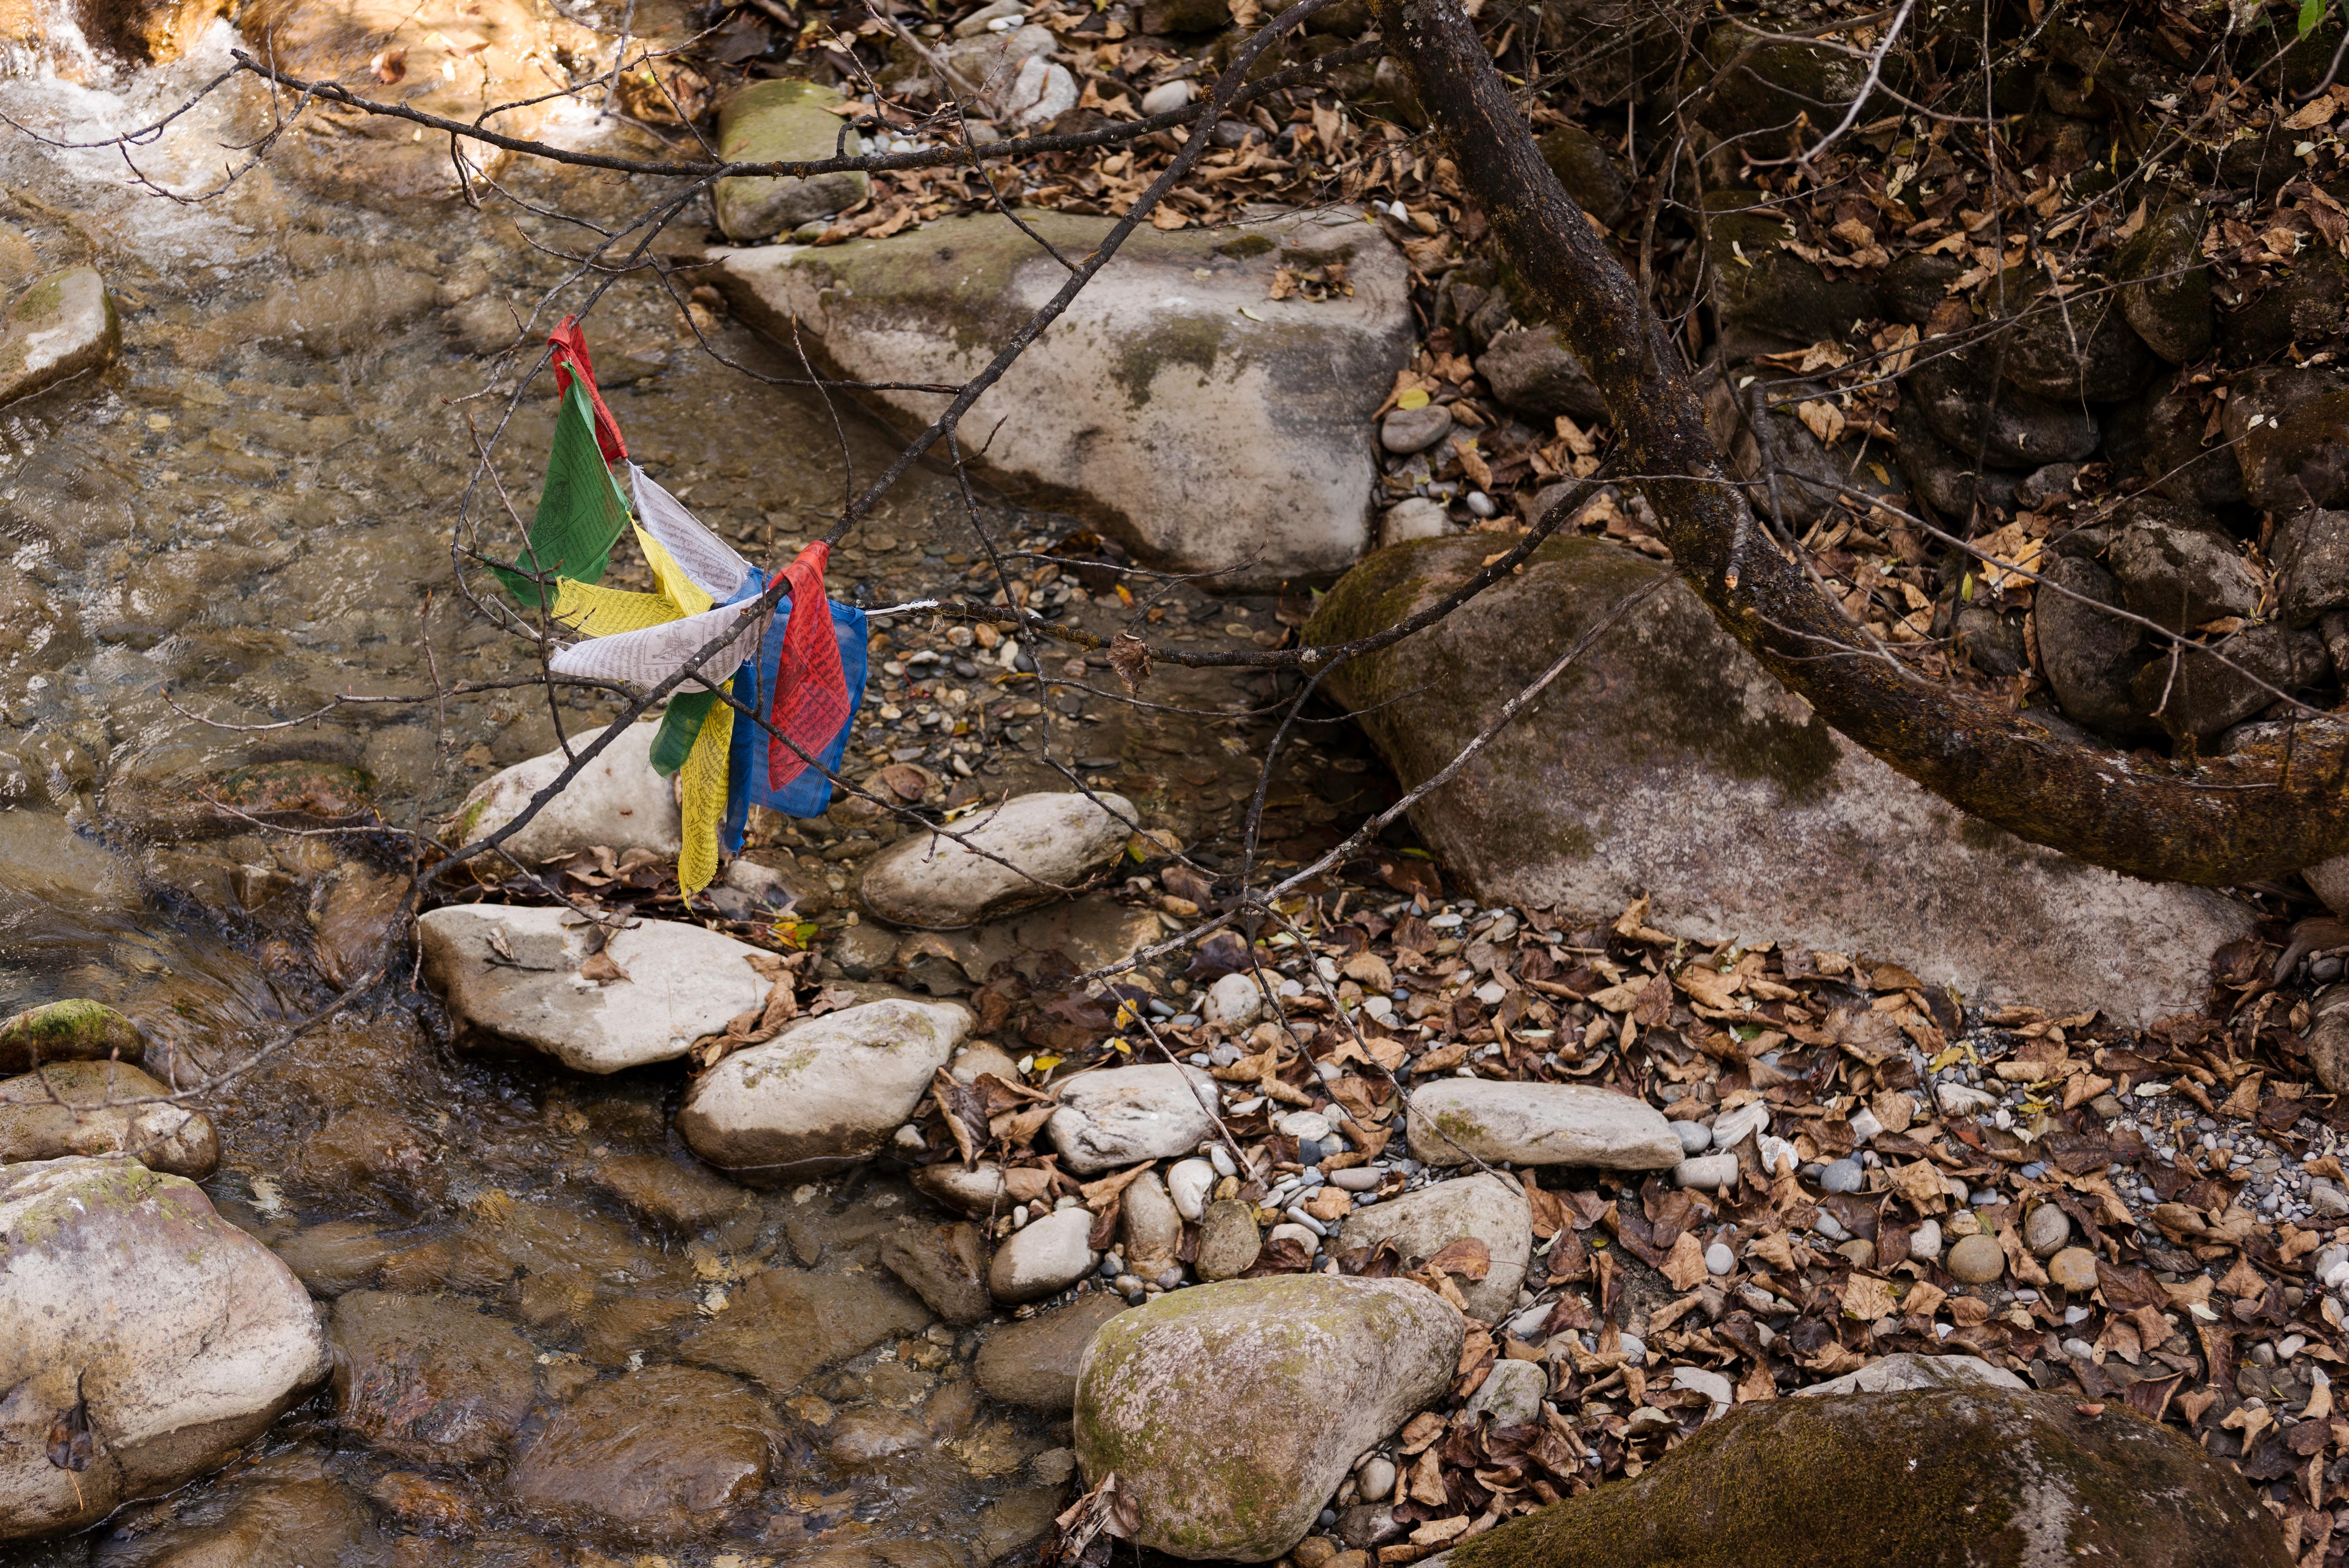 Cualquier lugar donde sople el viento, en medio de la naturaleza, es un buen sitio para colocar las banderas de oración budistas